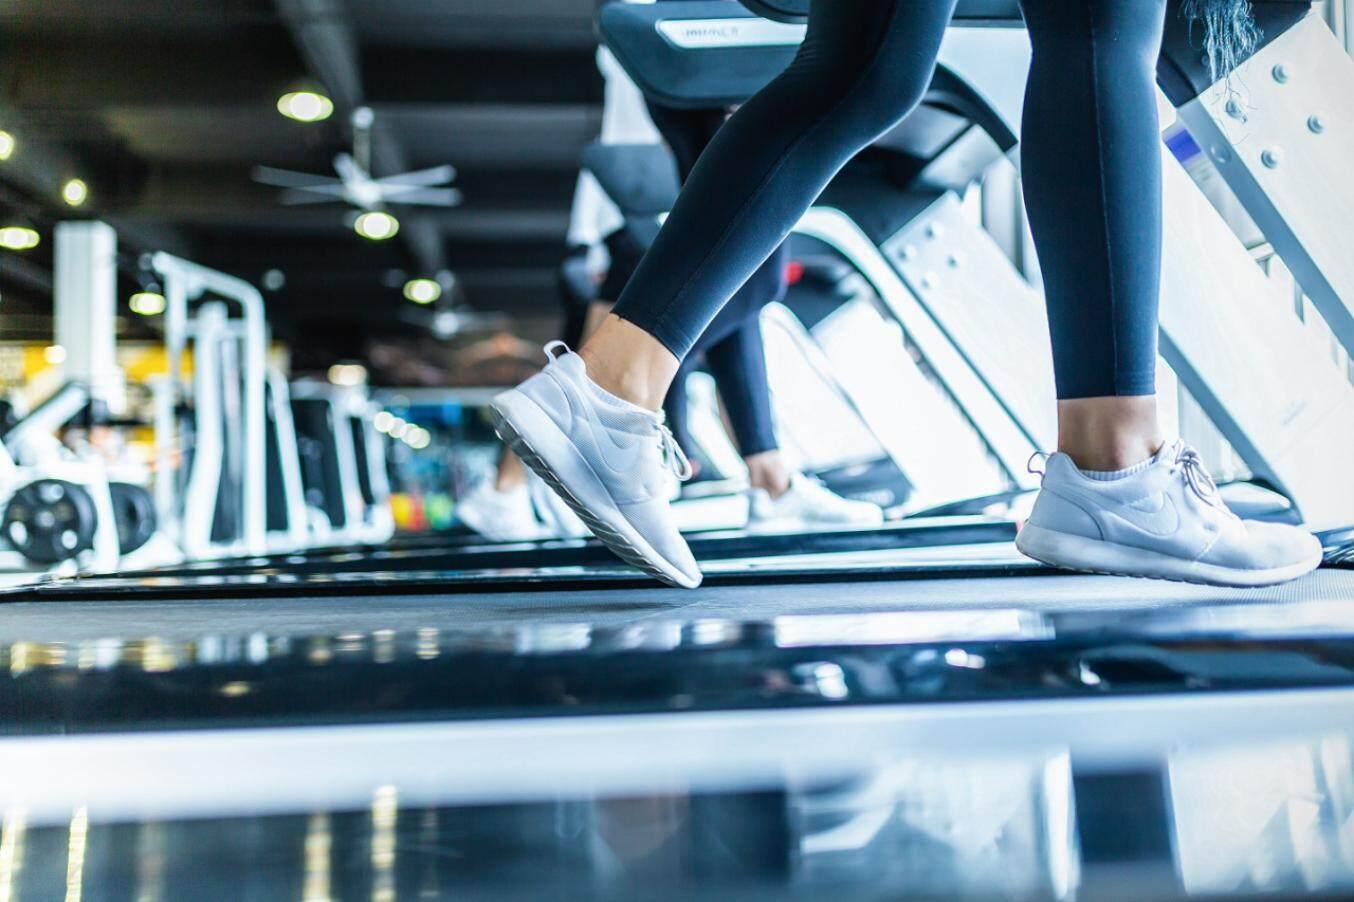 你的运动方式正确吗,呵护关节健康试试补充氨糖